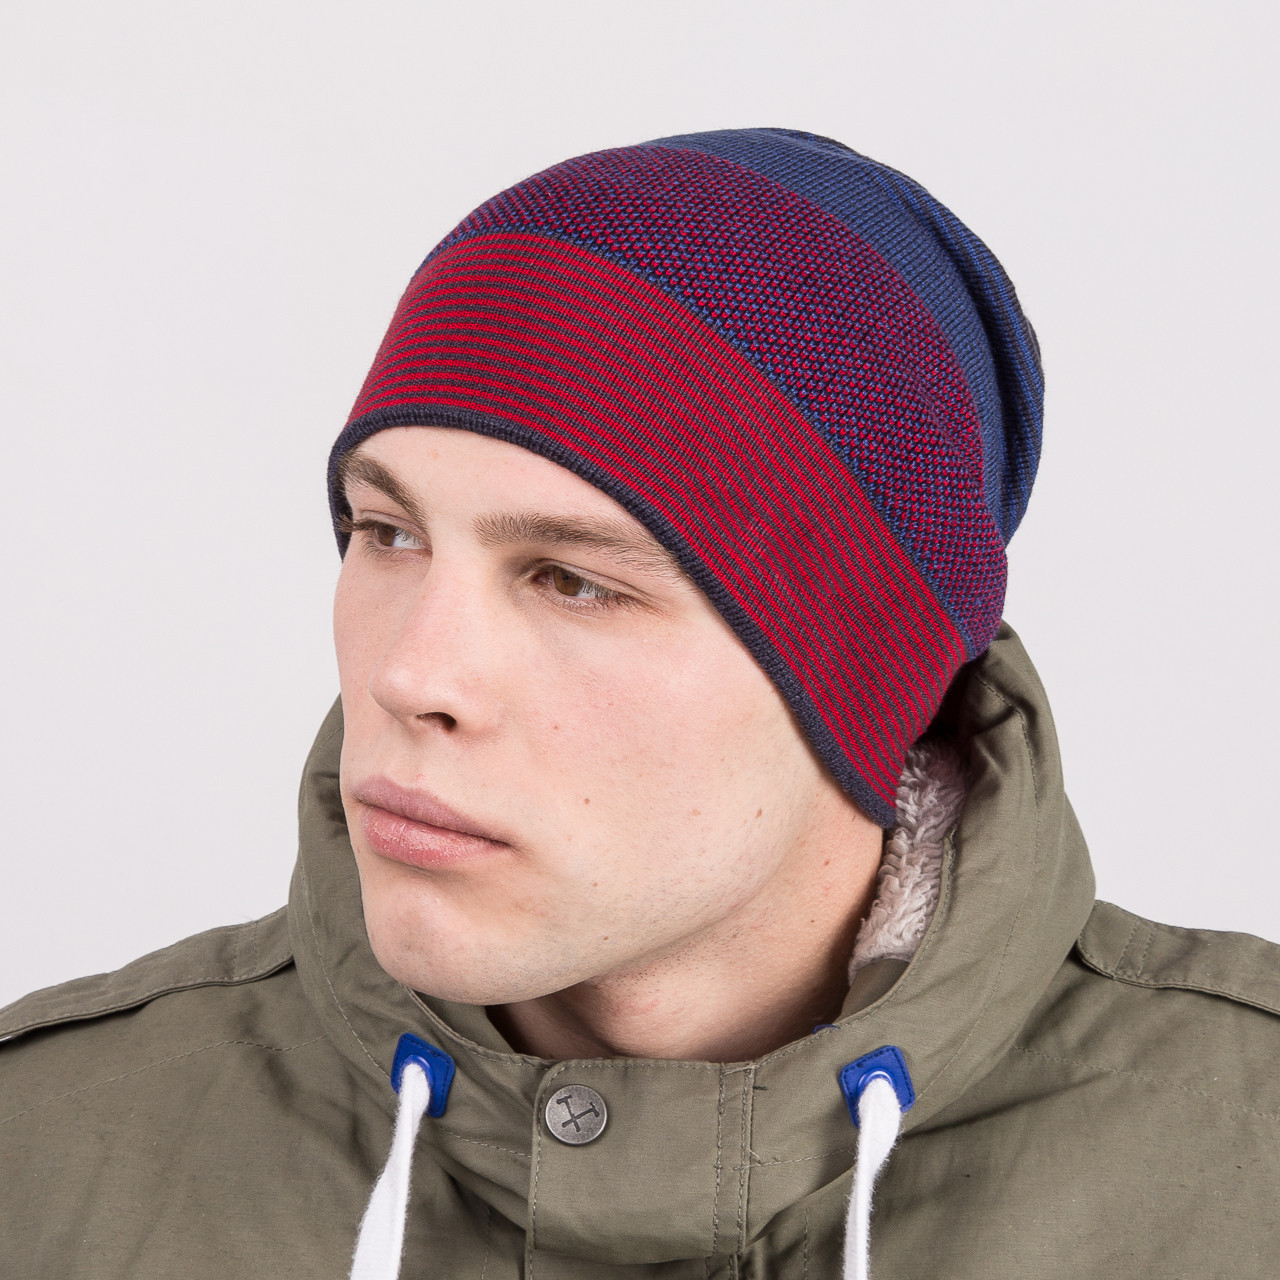 Мужская вязаная шапка колпак на зиму - Артикул m63d